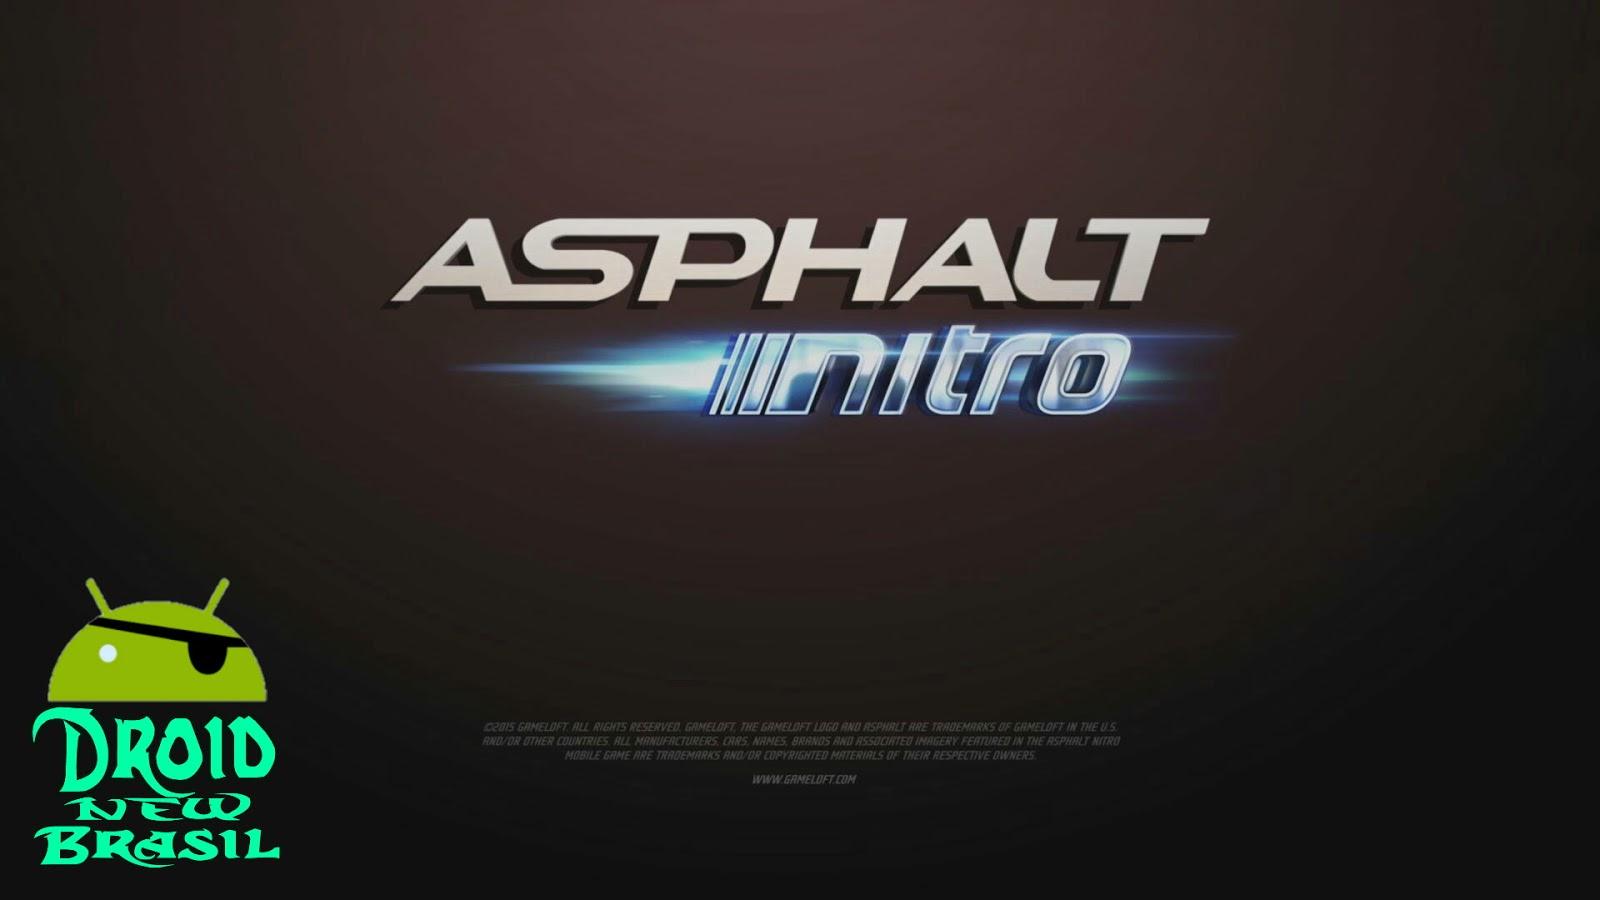 Download Asphalt Nitro v1.7.1a MOD APK [APK/MOD HACK]